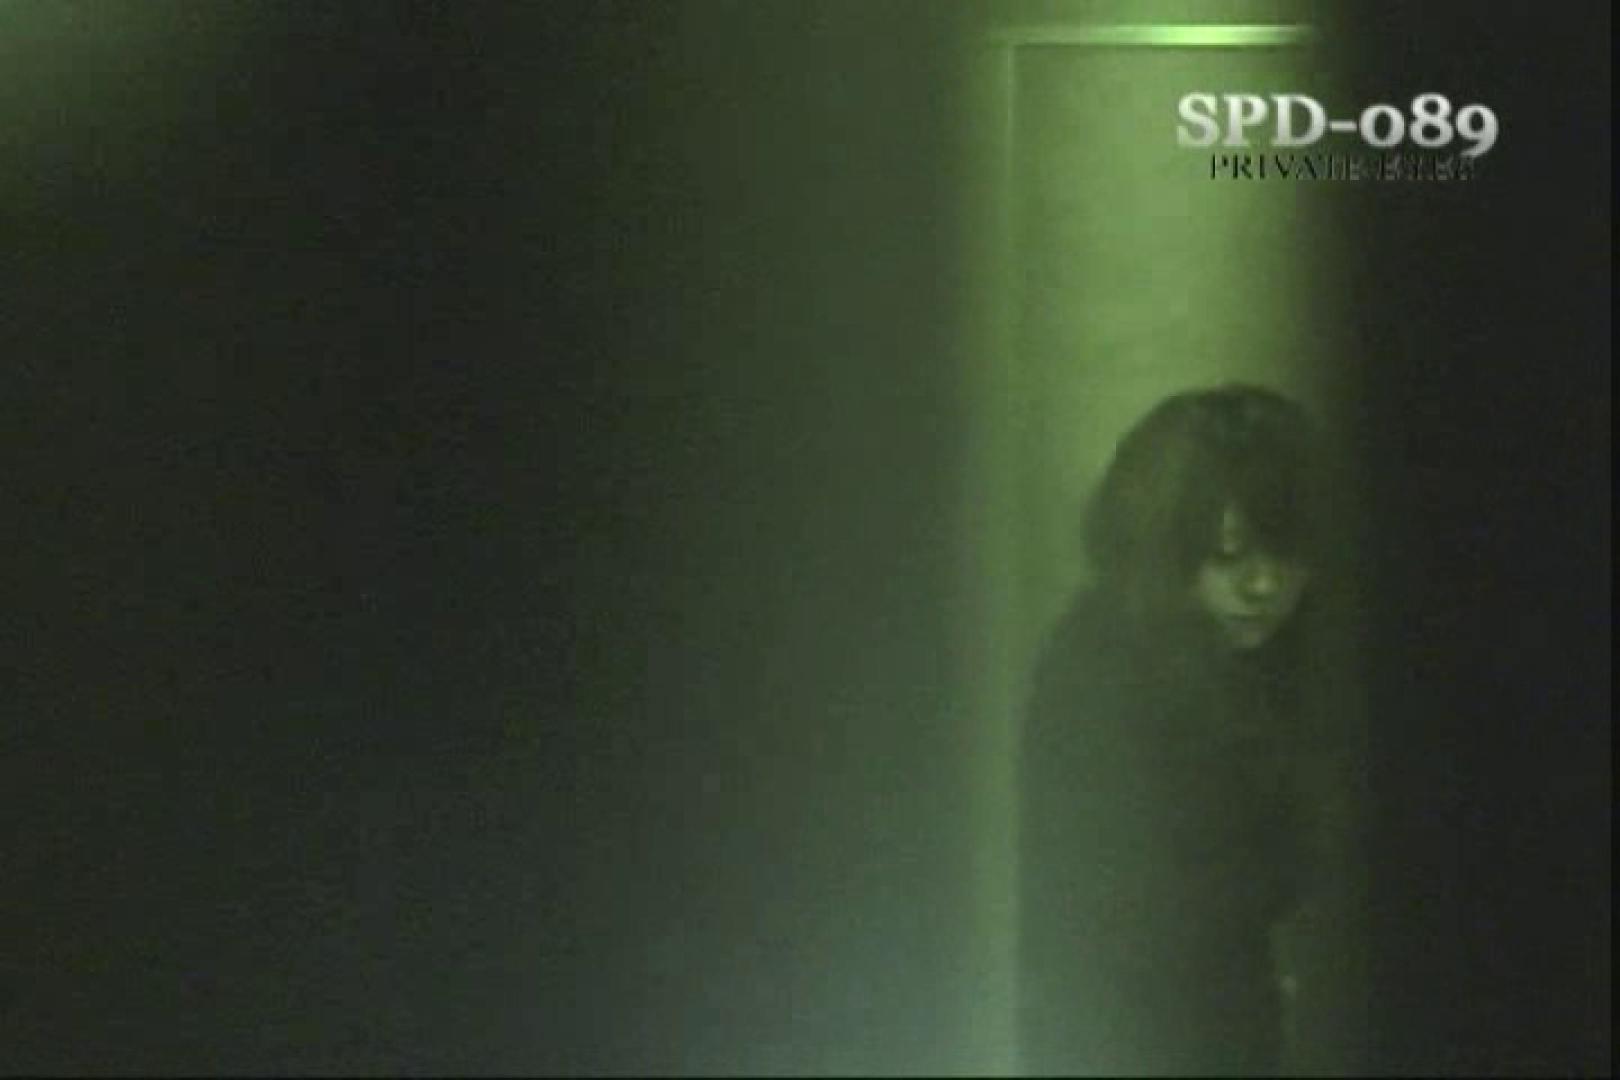 高画質版!SPD-089 厠の隙間 4 名作 盗撮戯れ無修正画像 54連発 31